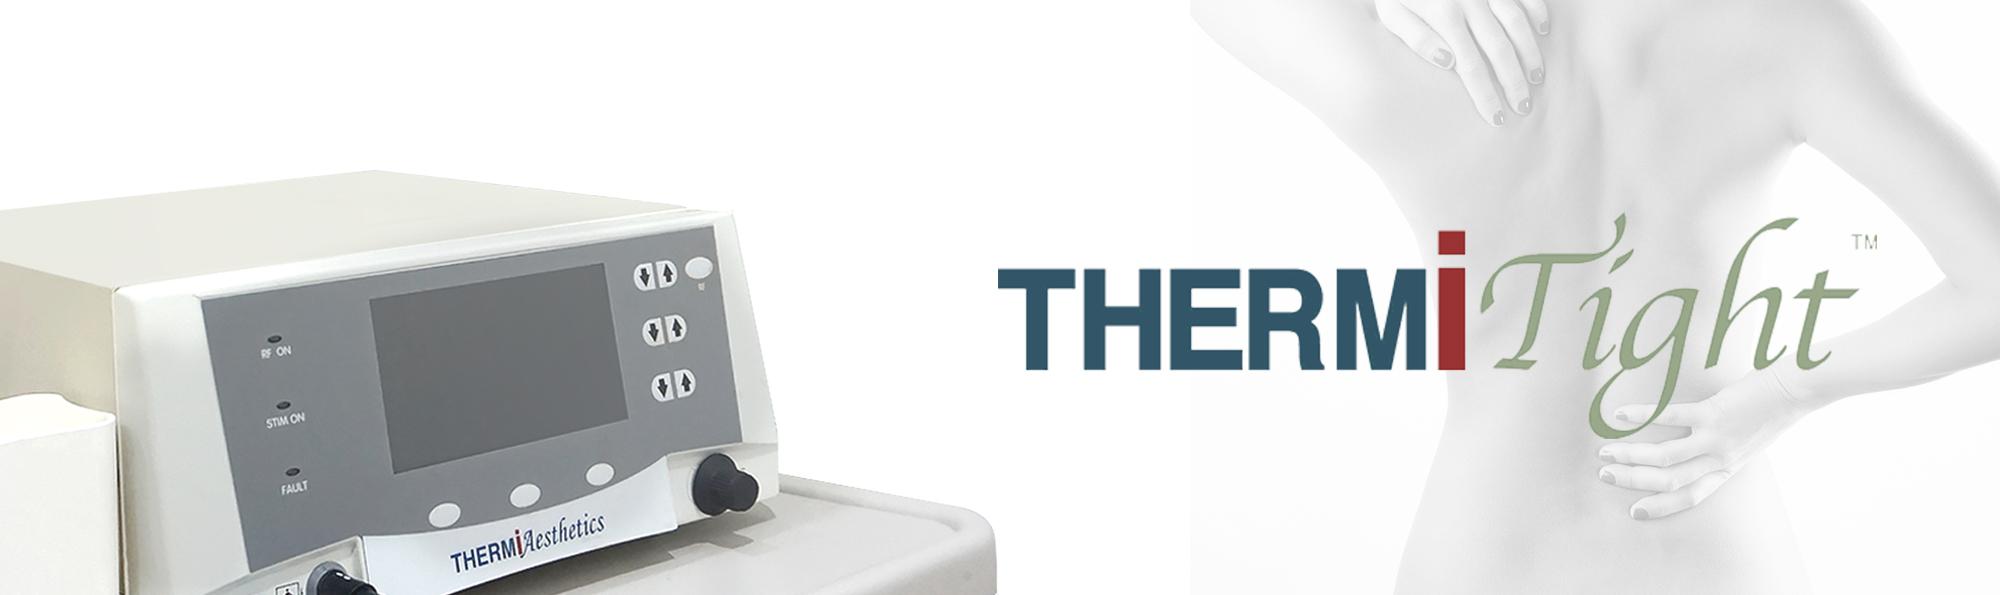 ThermiTight